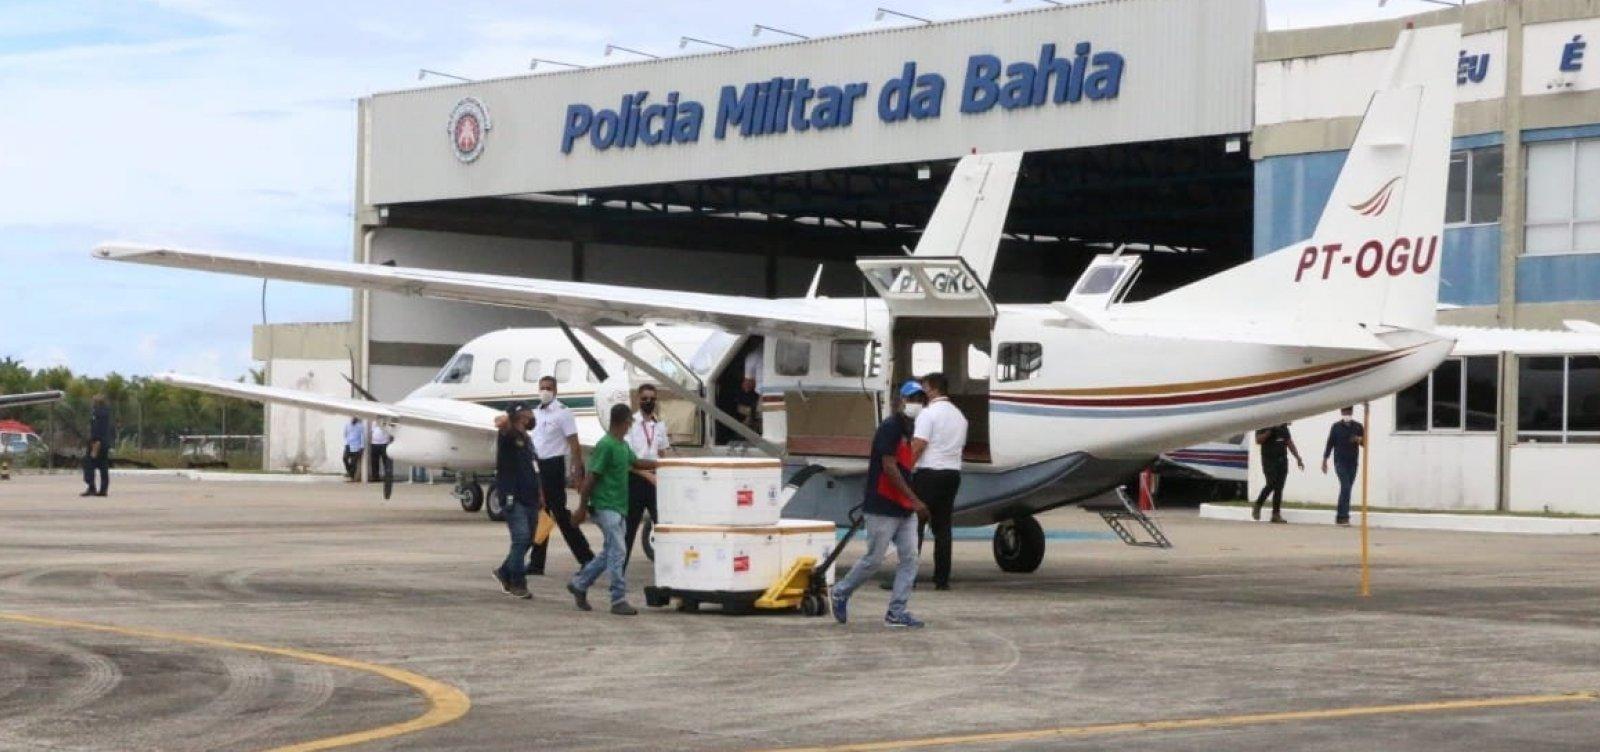 [Aeronaves fazem distribuição de vacinas pelo interior da Bahia]